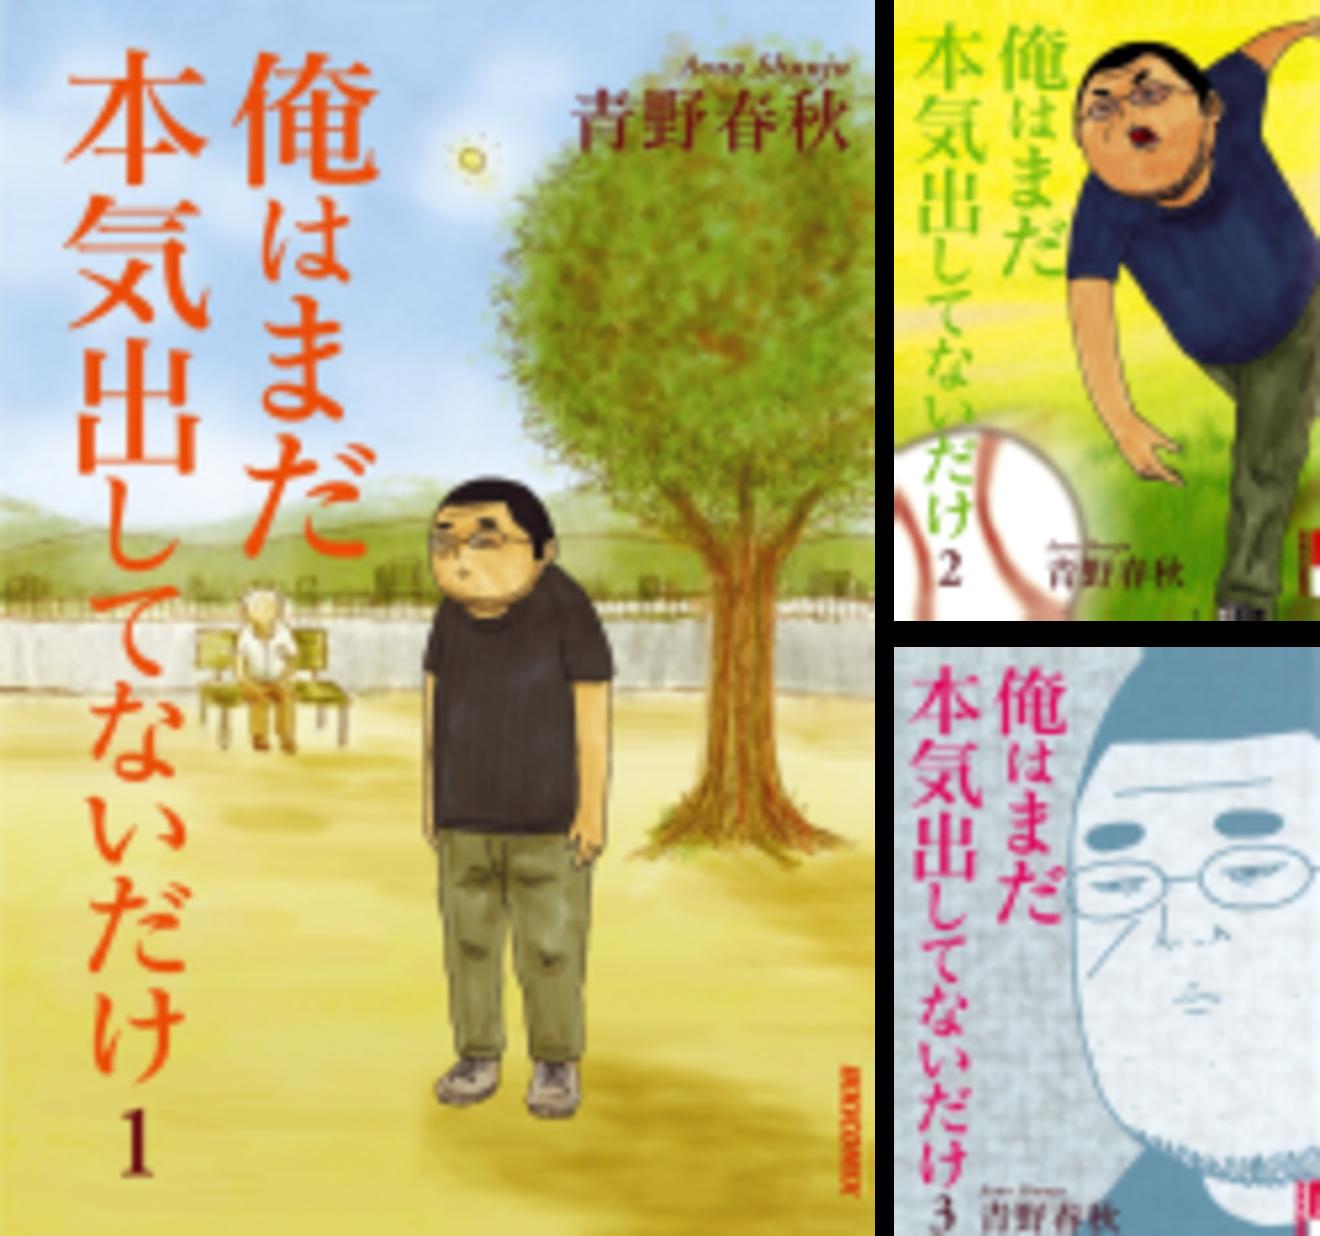 青野春秋のおすすめ漫画5選!代表作『俺はまだ本気出してないだけ』